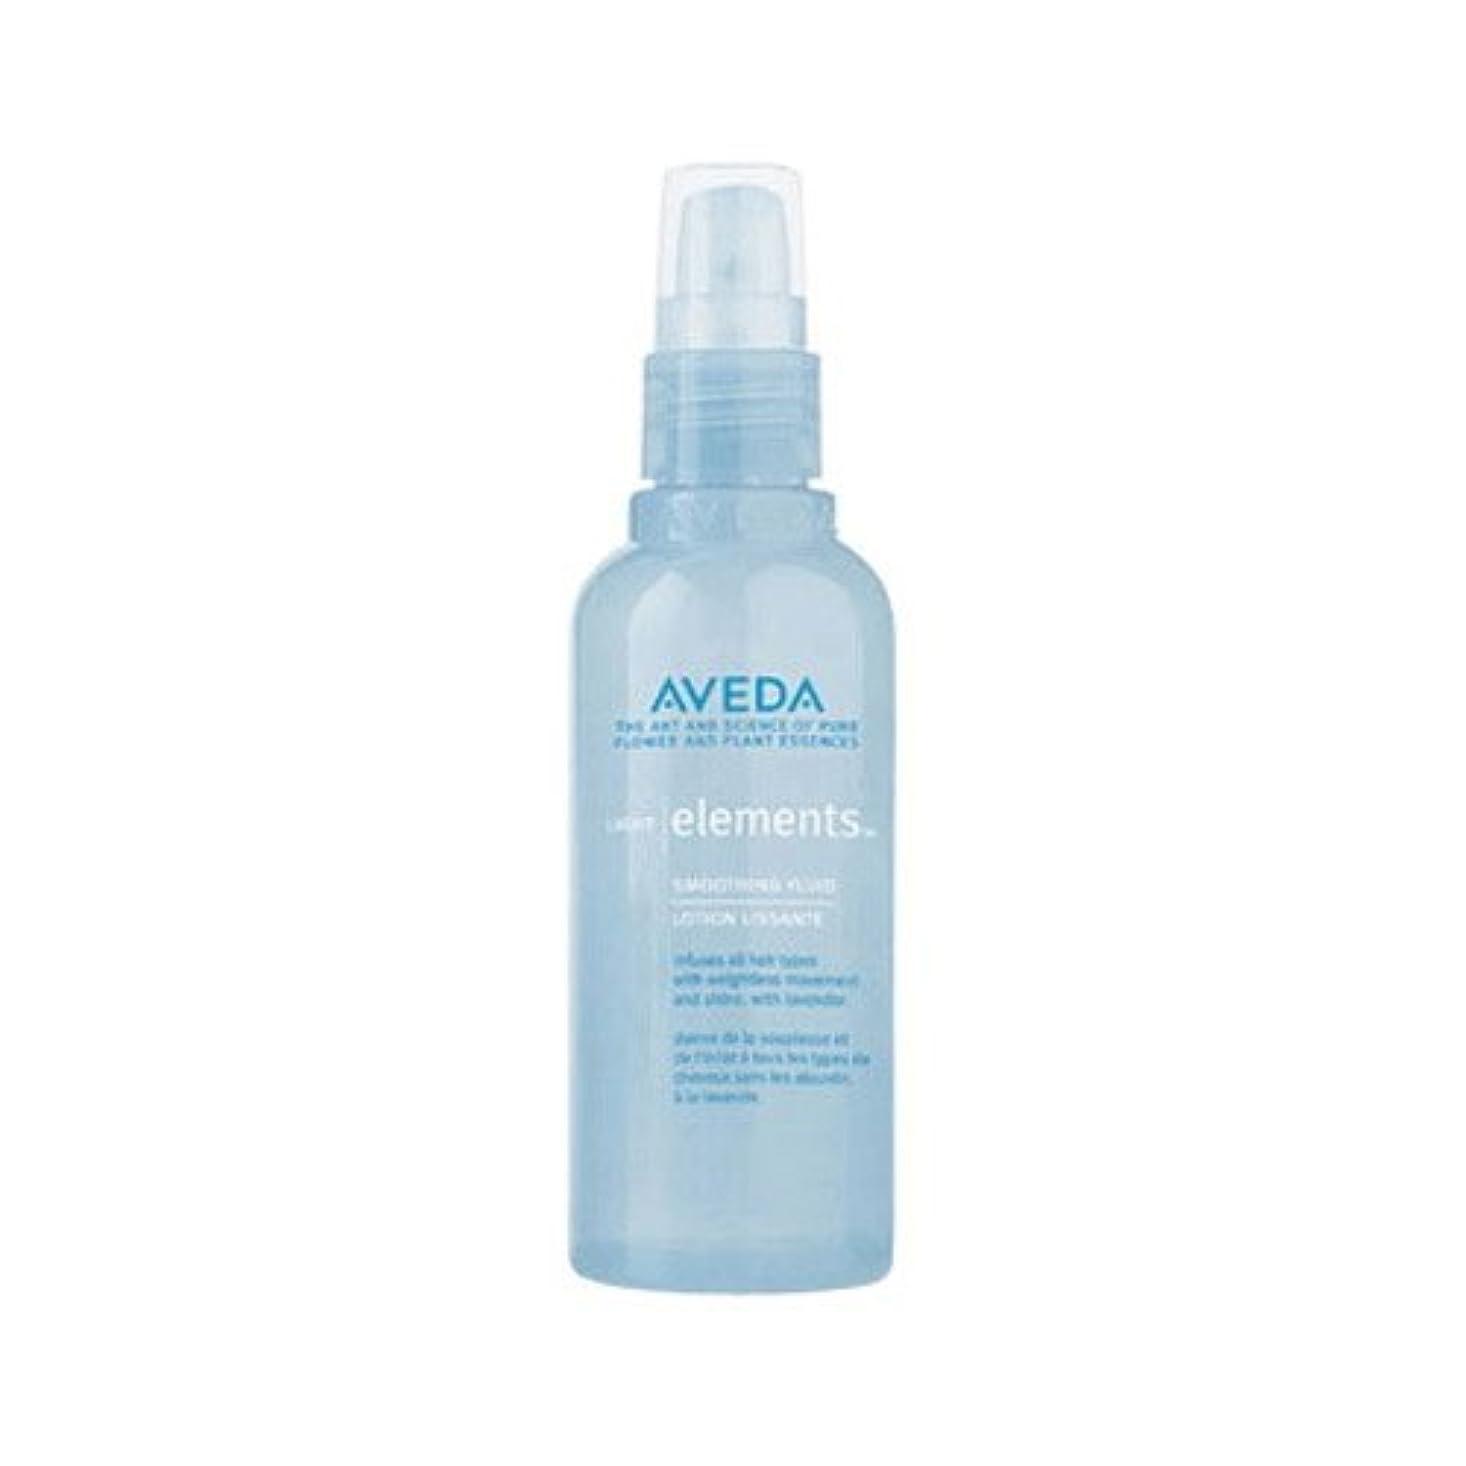 理解予防接種する重々しいアヴェダ(AVEDA) ライトエレメンツ スムージング フルイド 100ml[並行輸入品]